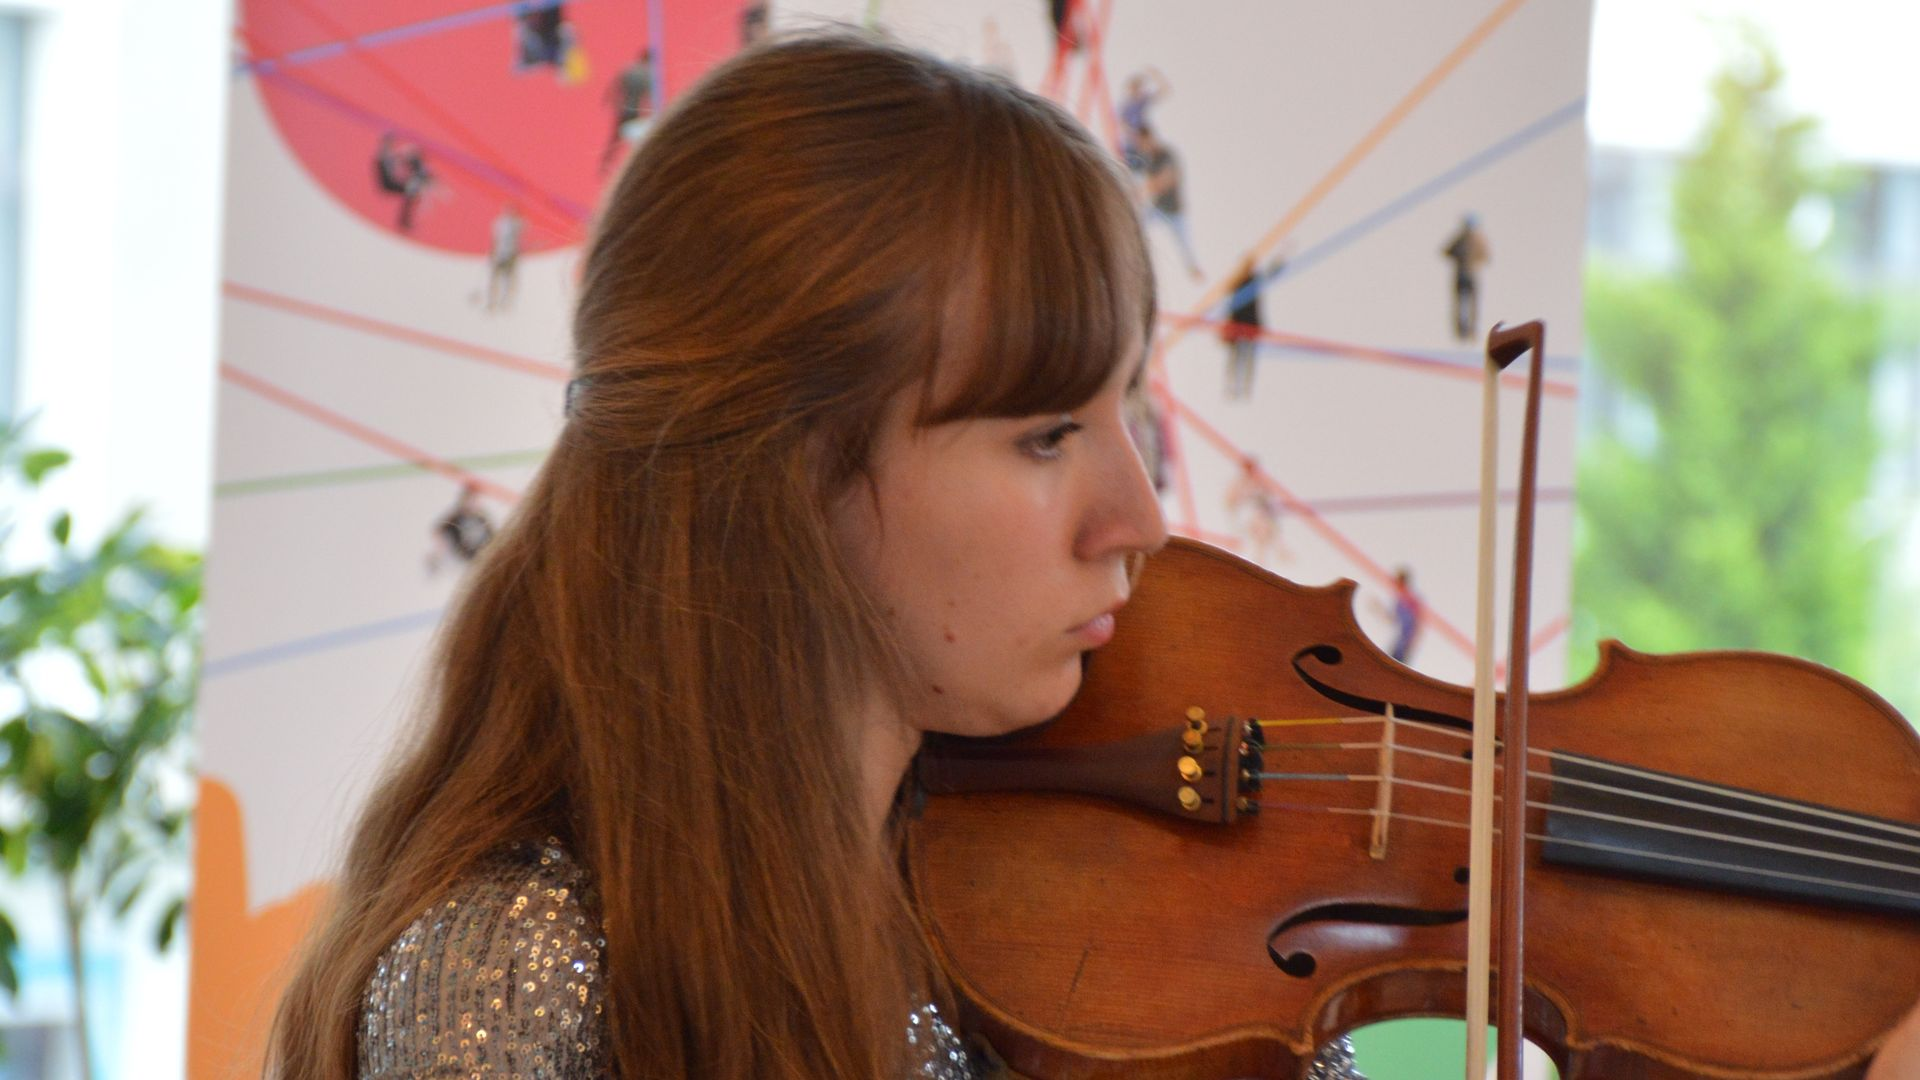 Afyonkarahisar'da Klasik müzik festivali başladı